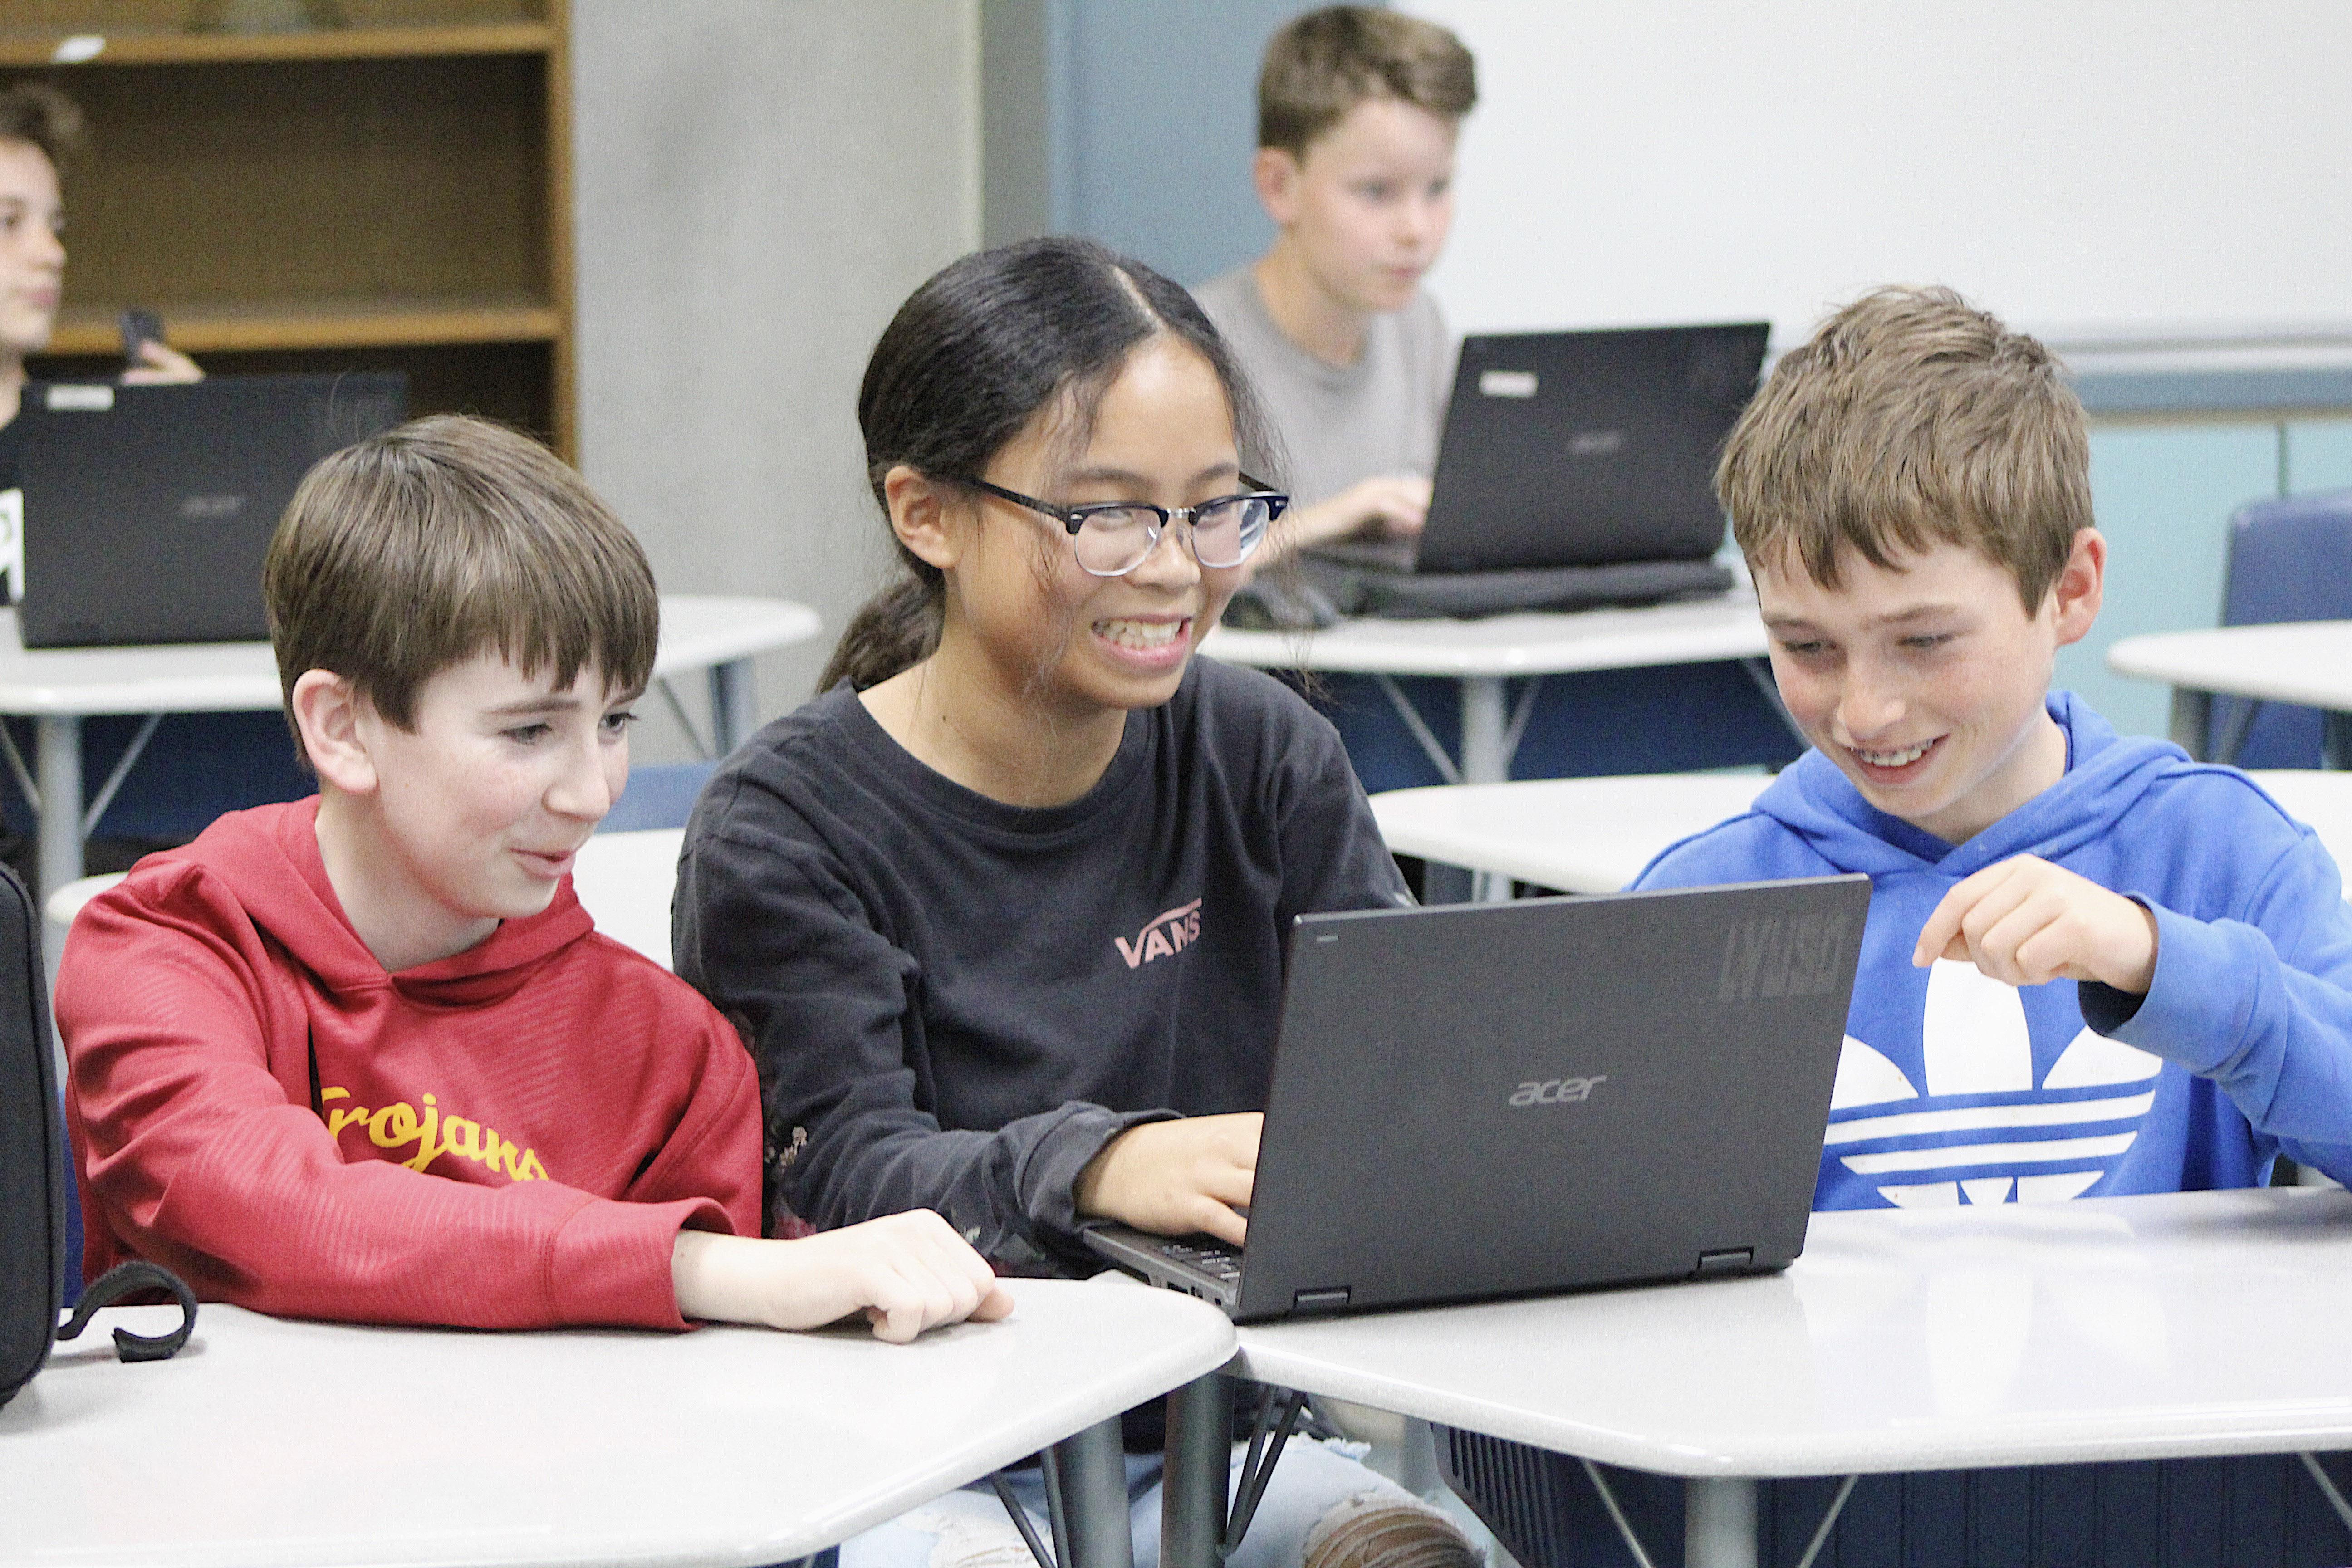 Summer Program - Engineering | Coding School Online Summer Program